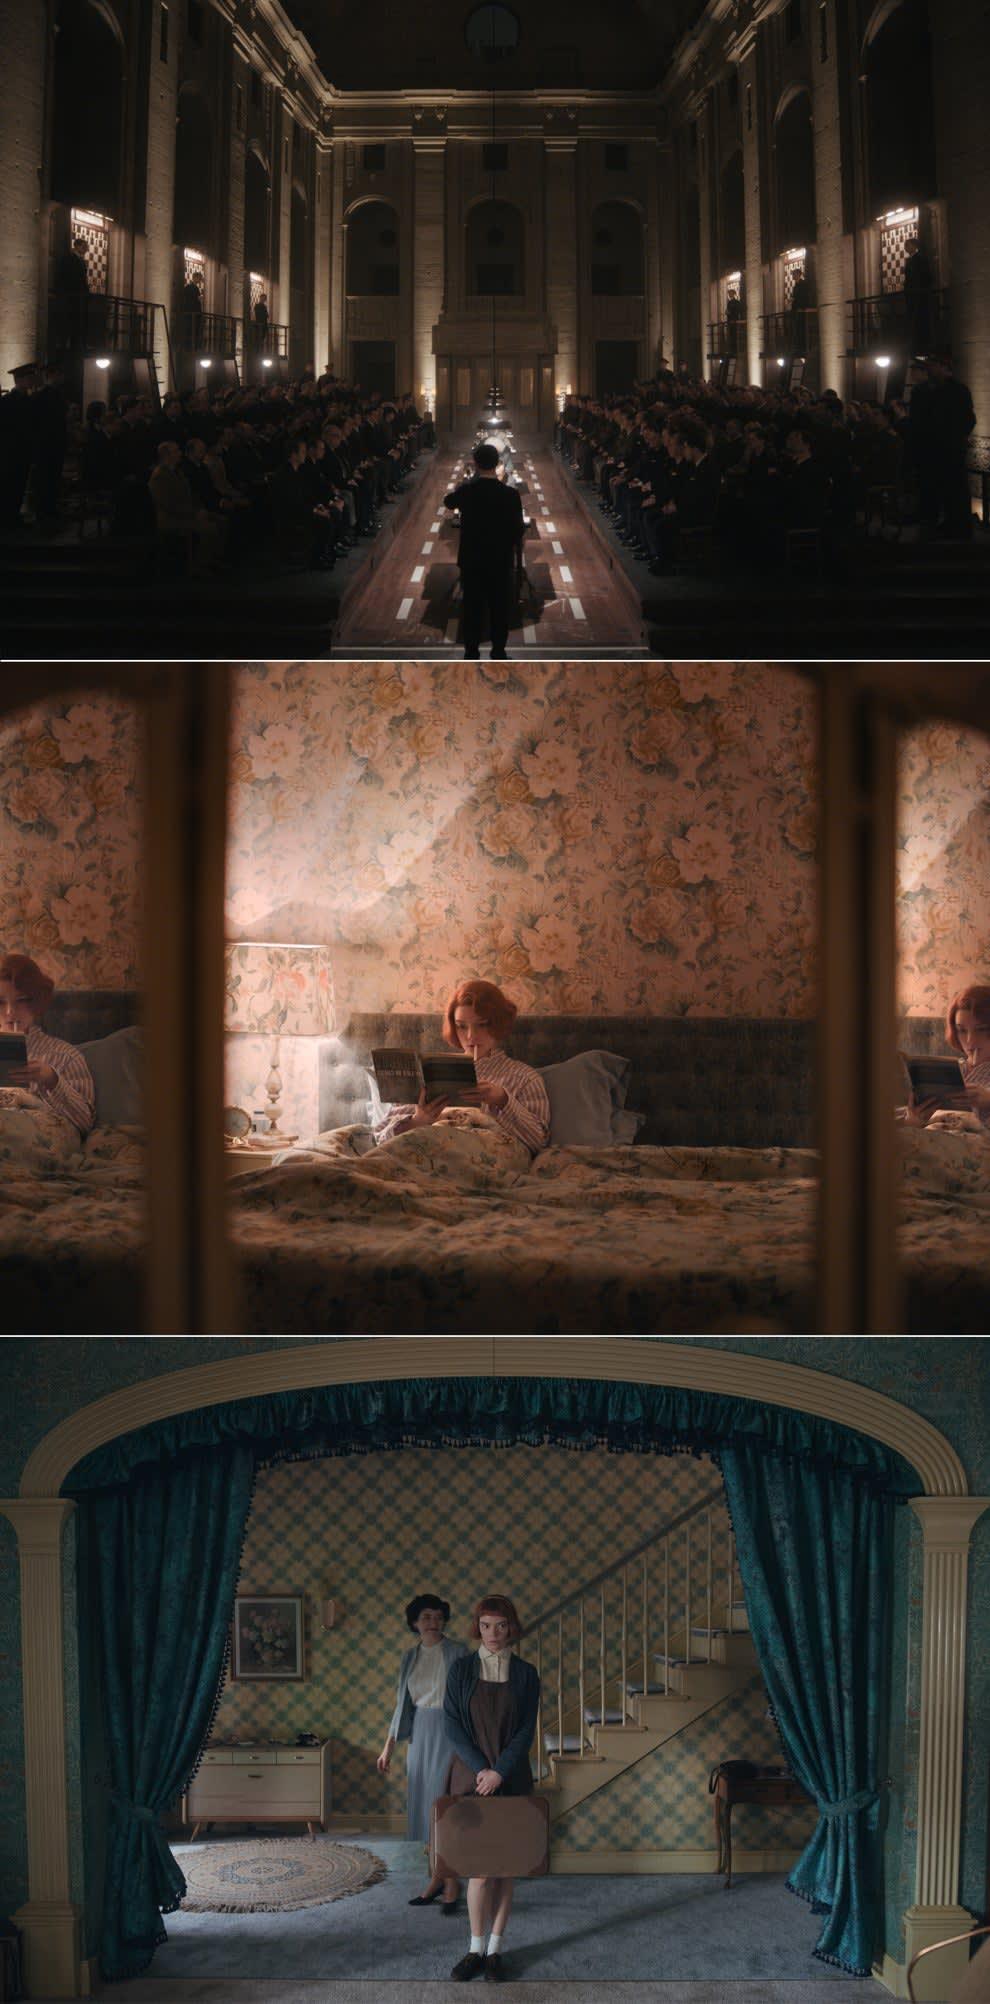 Cena aberta de um corredor cheio de pessoas, cena de Beth fumando enquanto lê no quarto e cena de Beth com sua mala no meio da sala de entrada